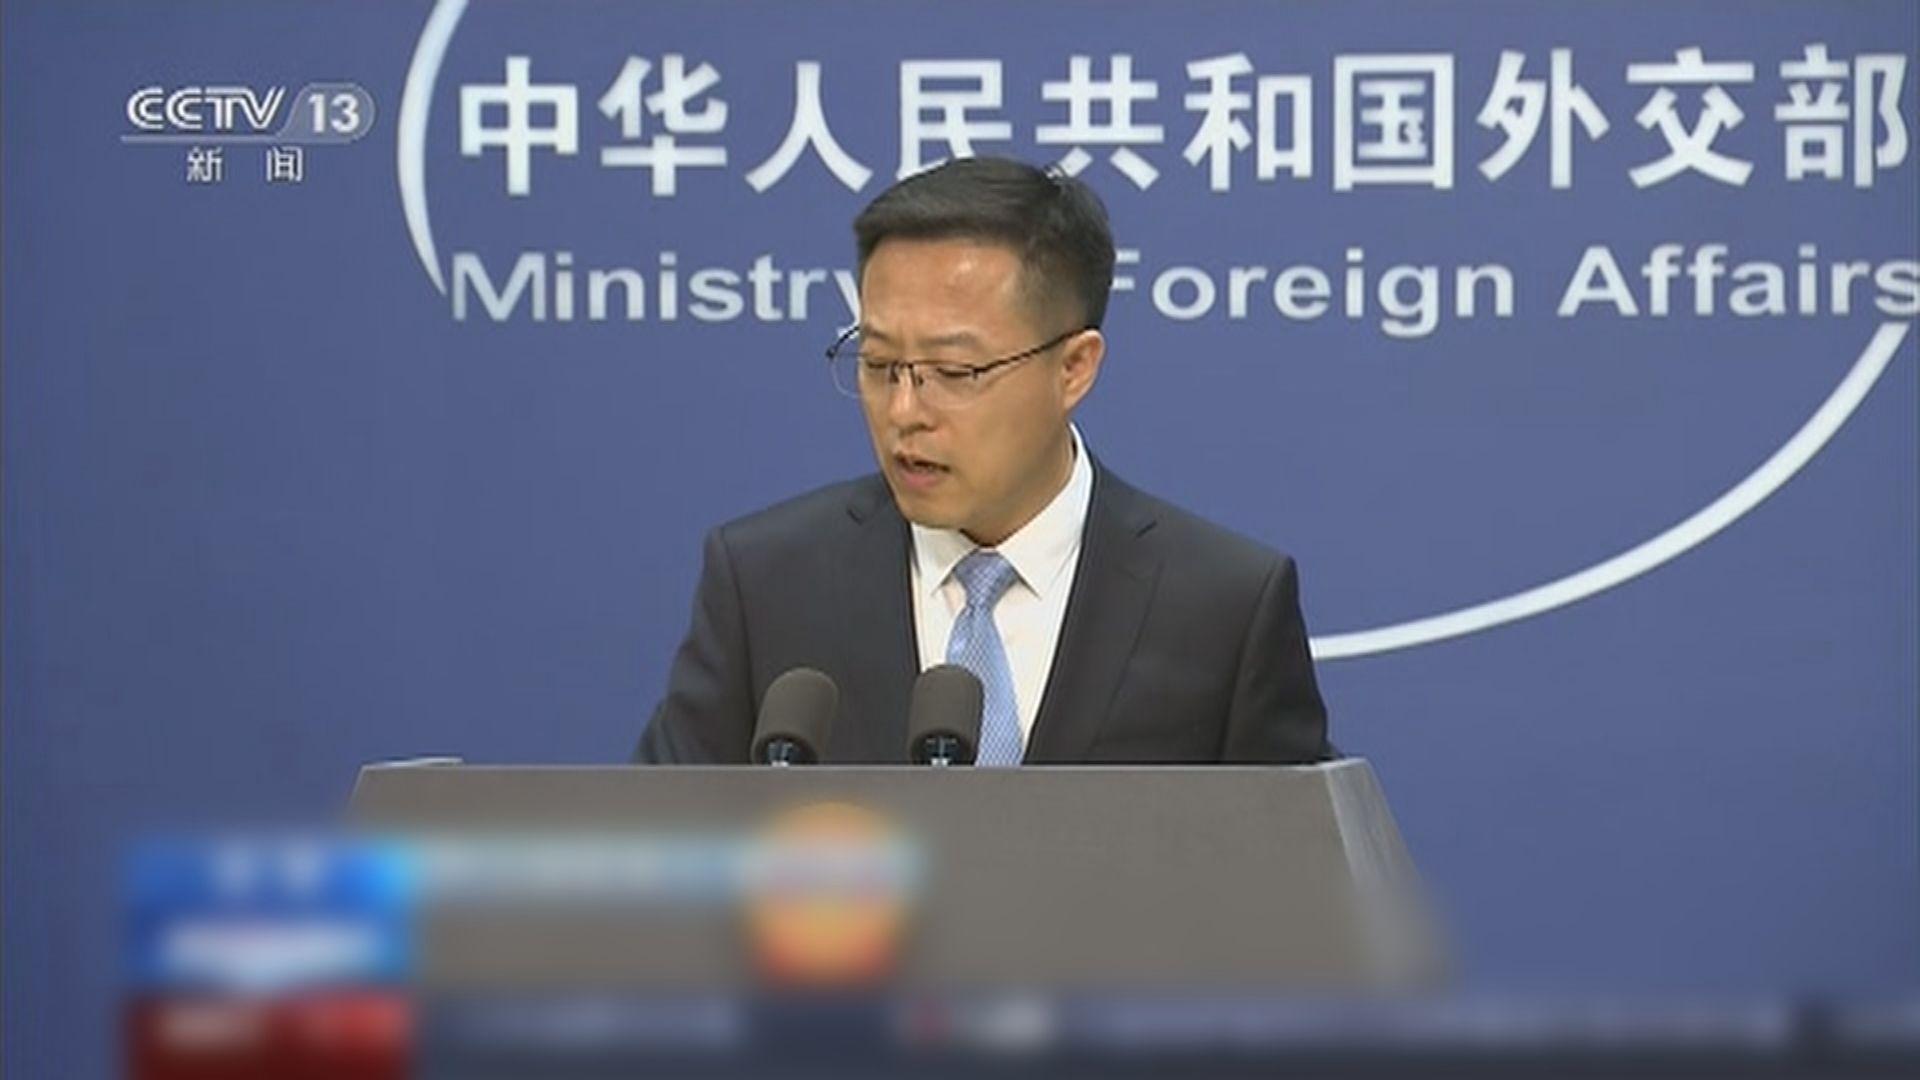 外交部:西方國家藉國安法抹黑中國不會得逞